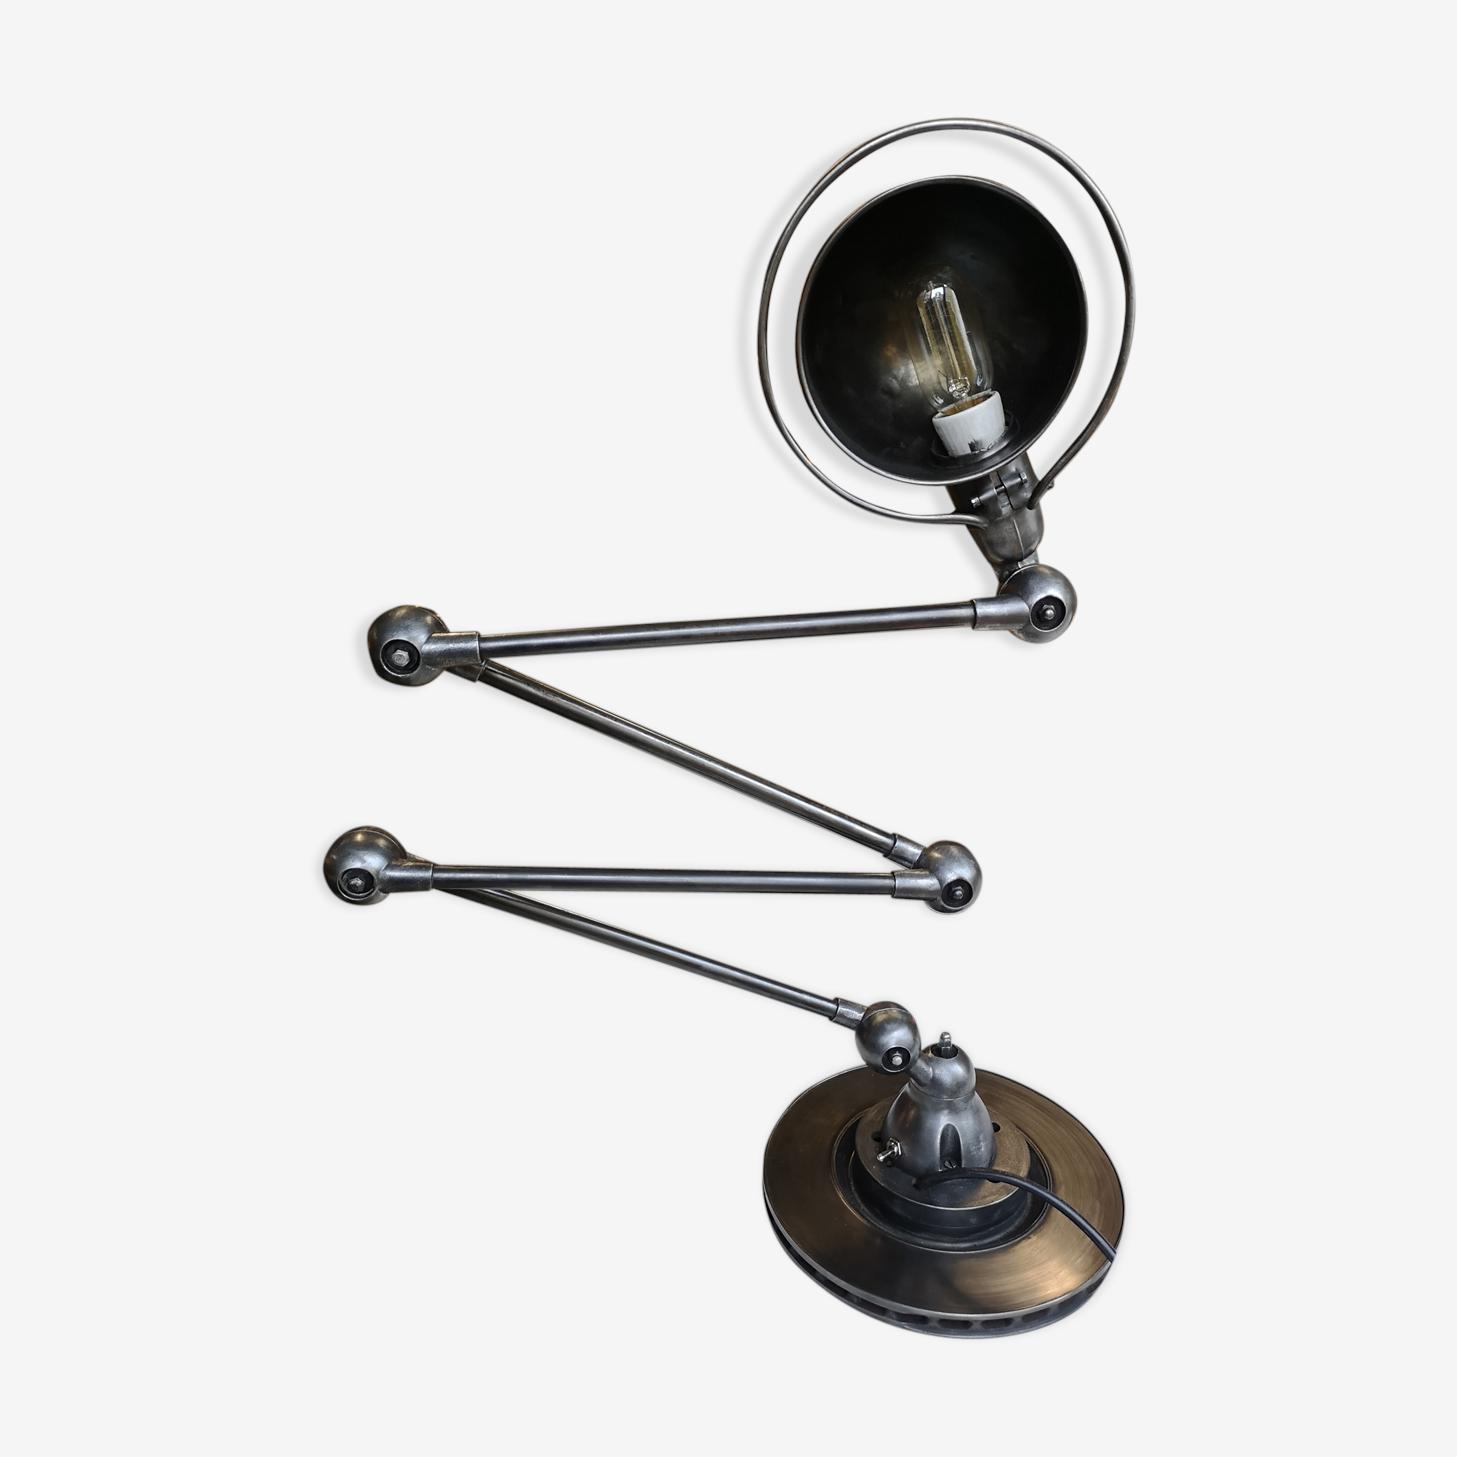 Lampe Jielde 4 Bras Restauree Metal Gris Industriel Qzevxti